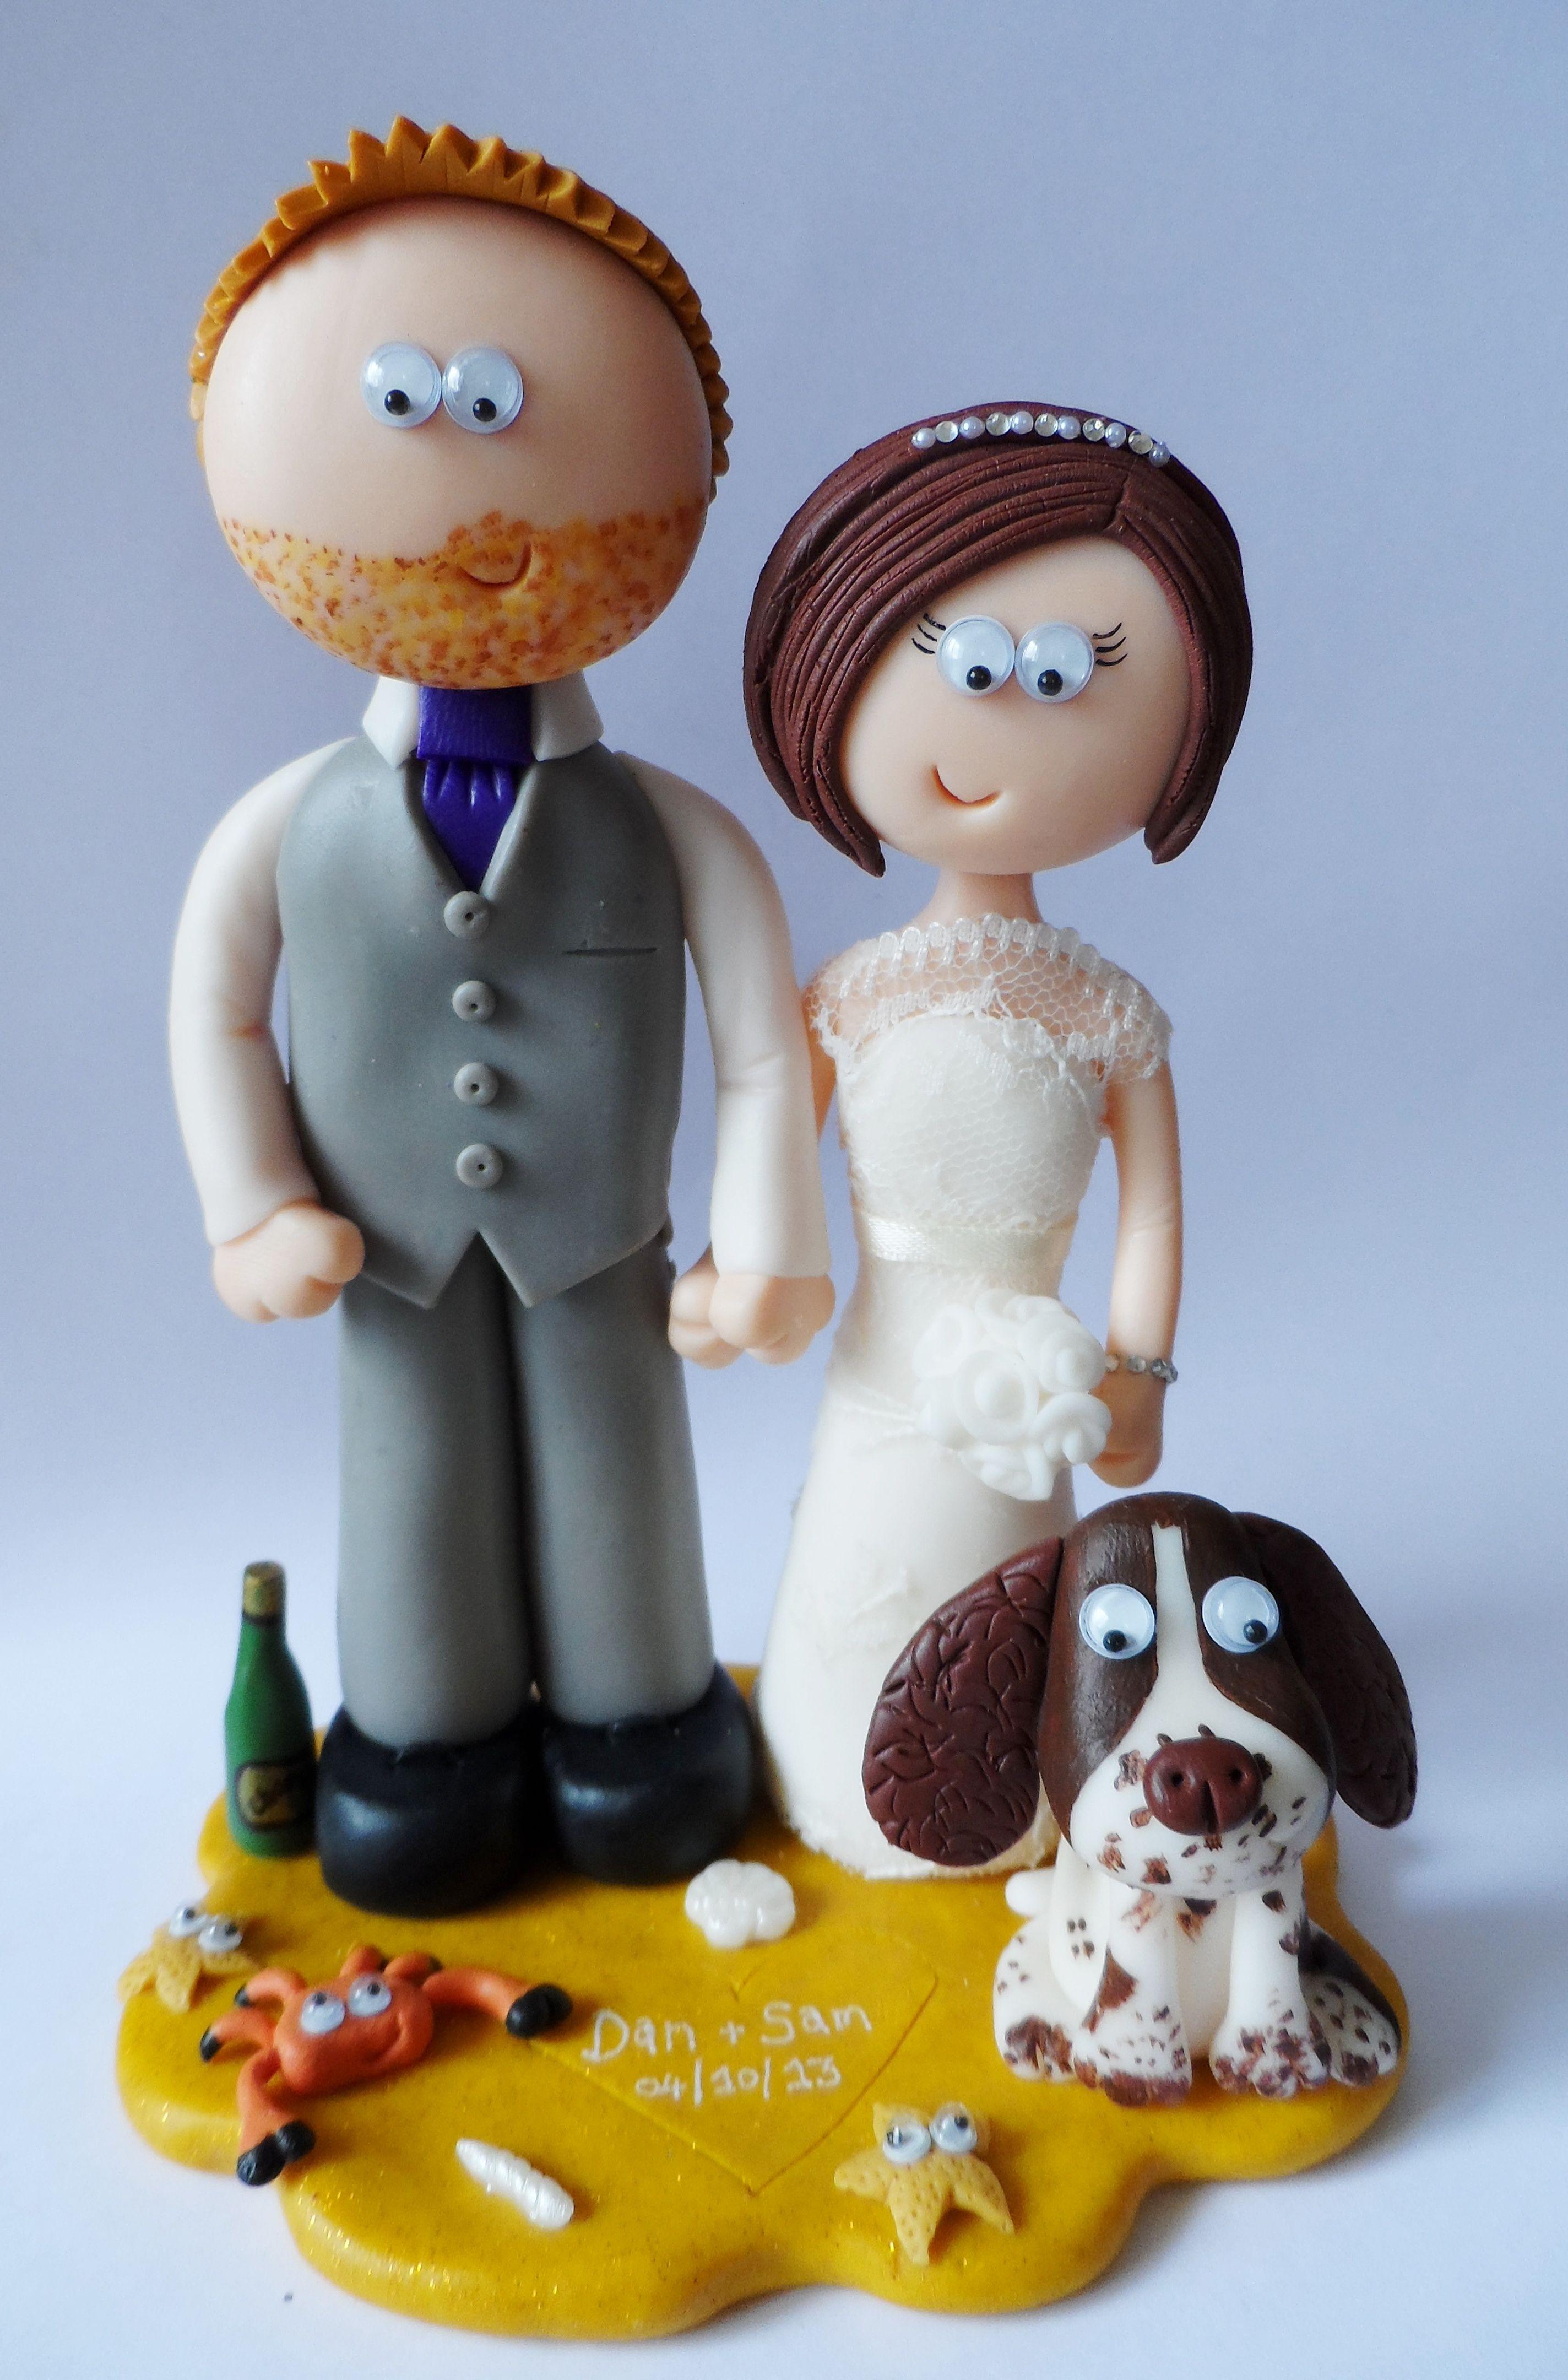 Beach themed personalised Bride & Groom wedding cake